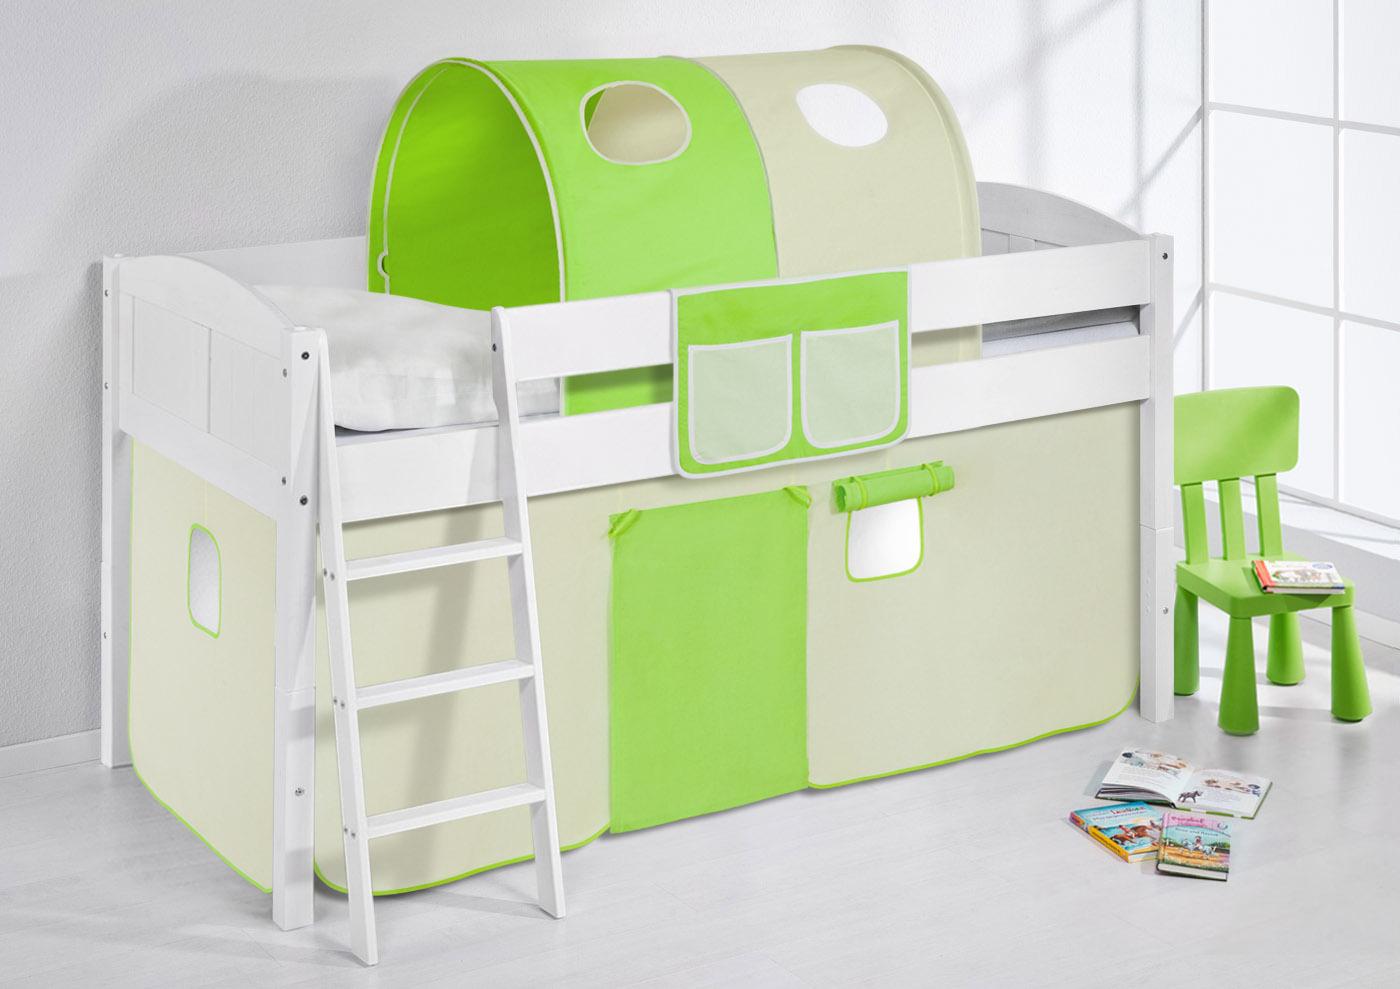 Etagenbett Umbaubar : Spielbett hochbett kinderbett kinder bett umbaubar zum einzelbett